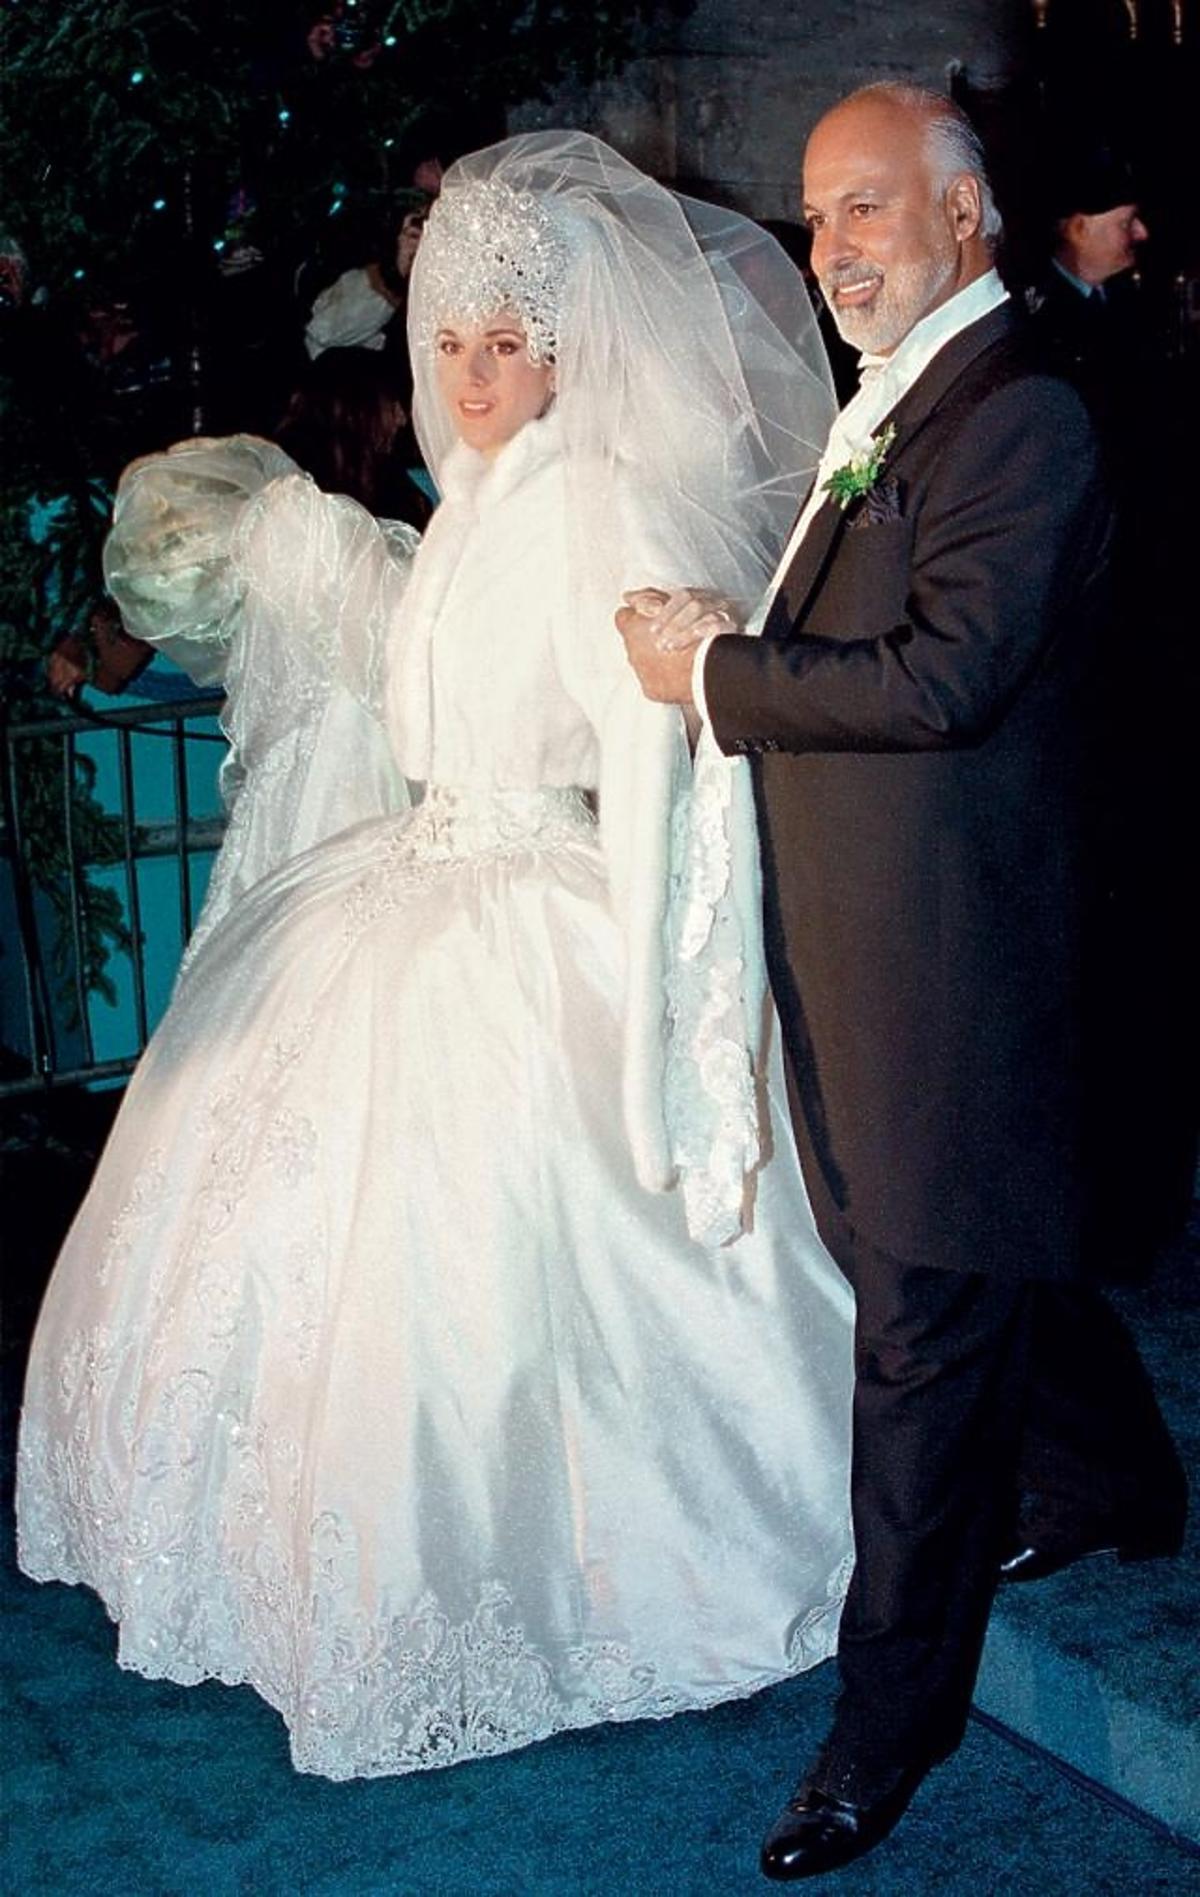 Celine Dion z mężem Rene Angelilem